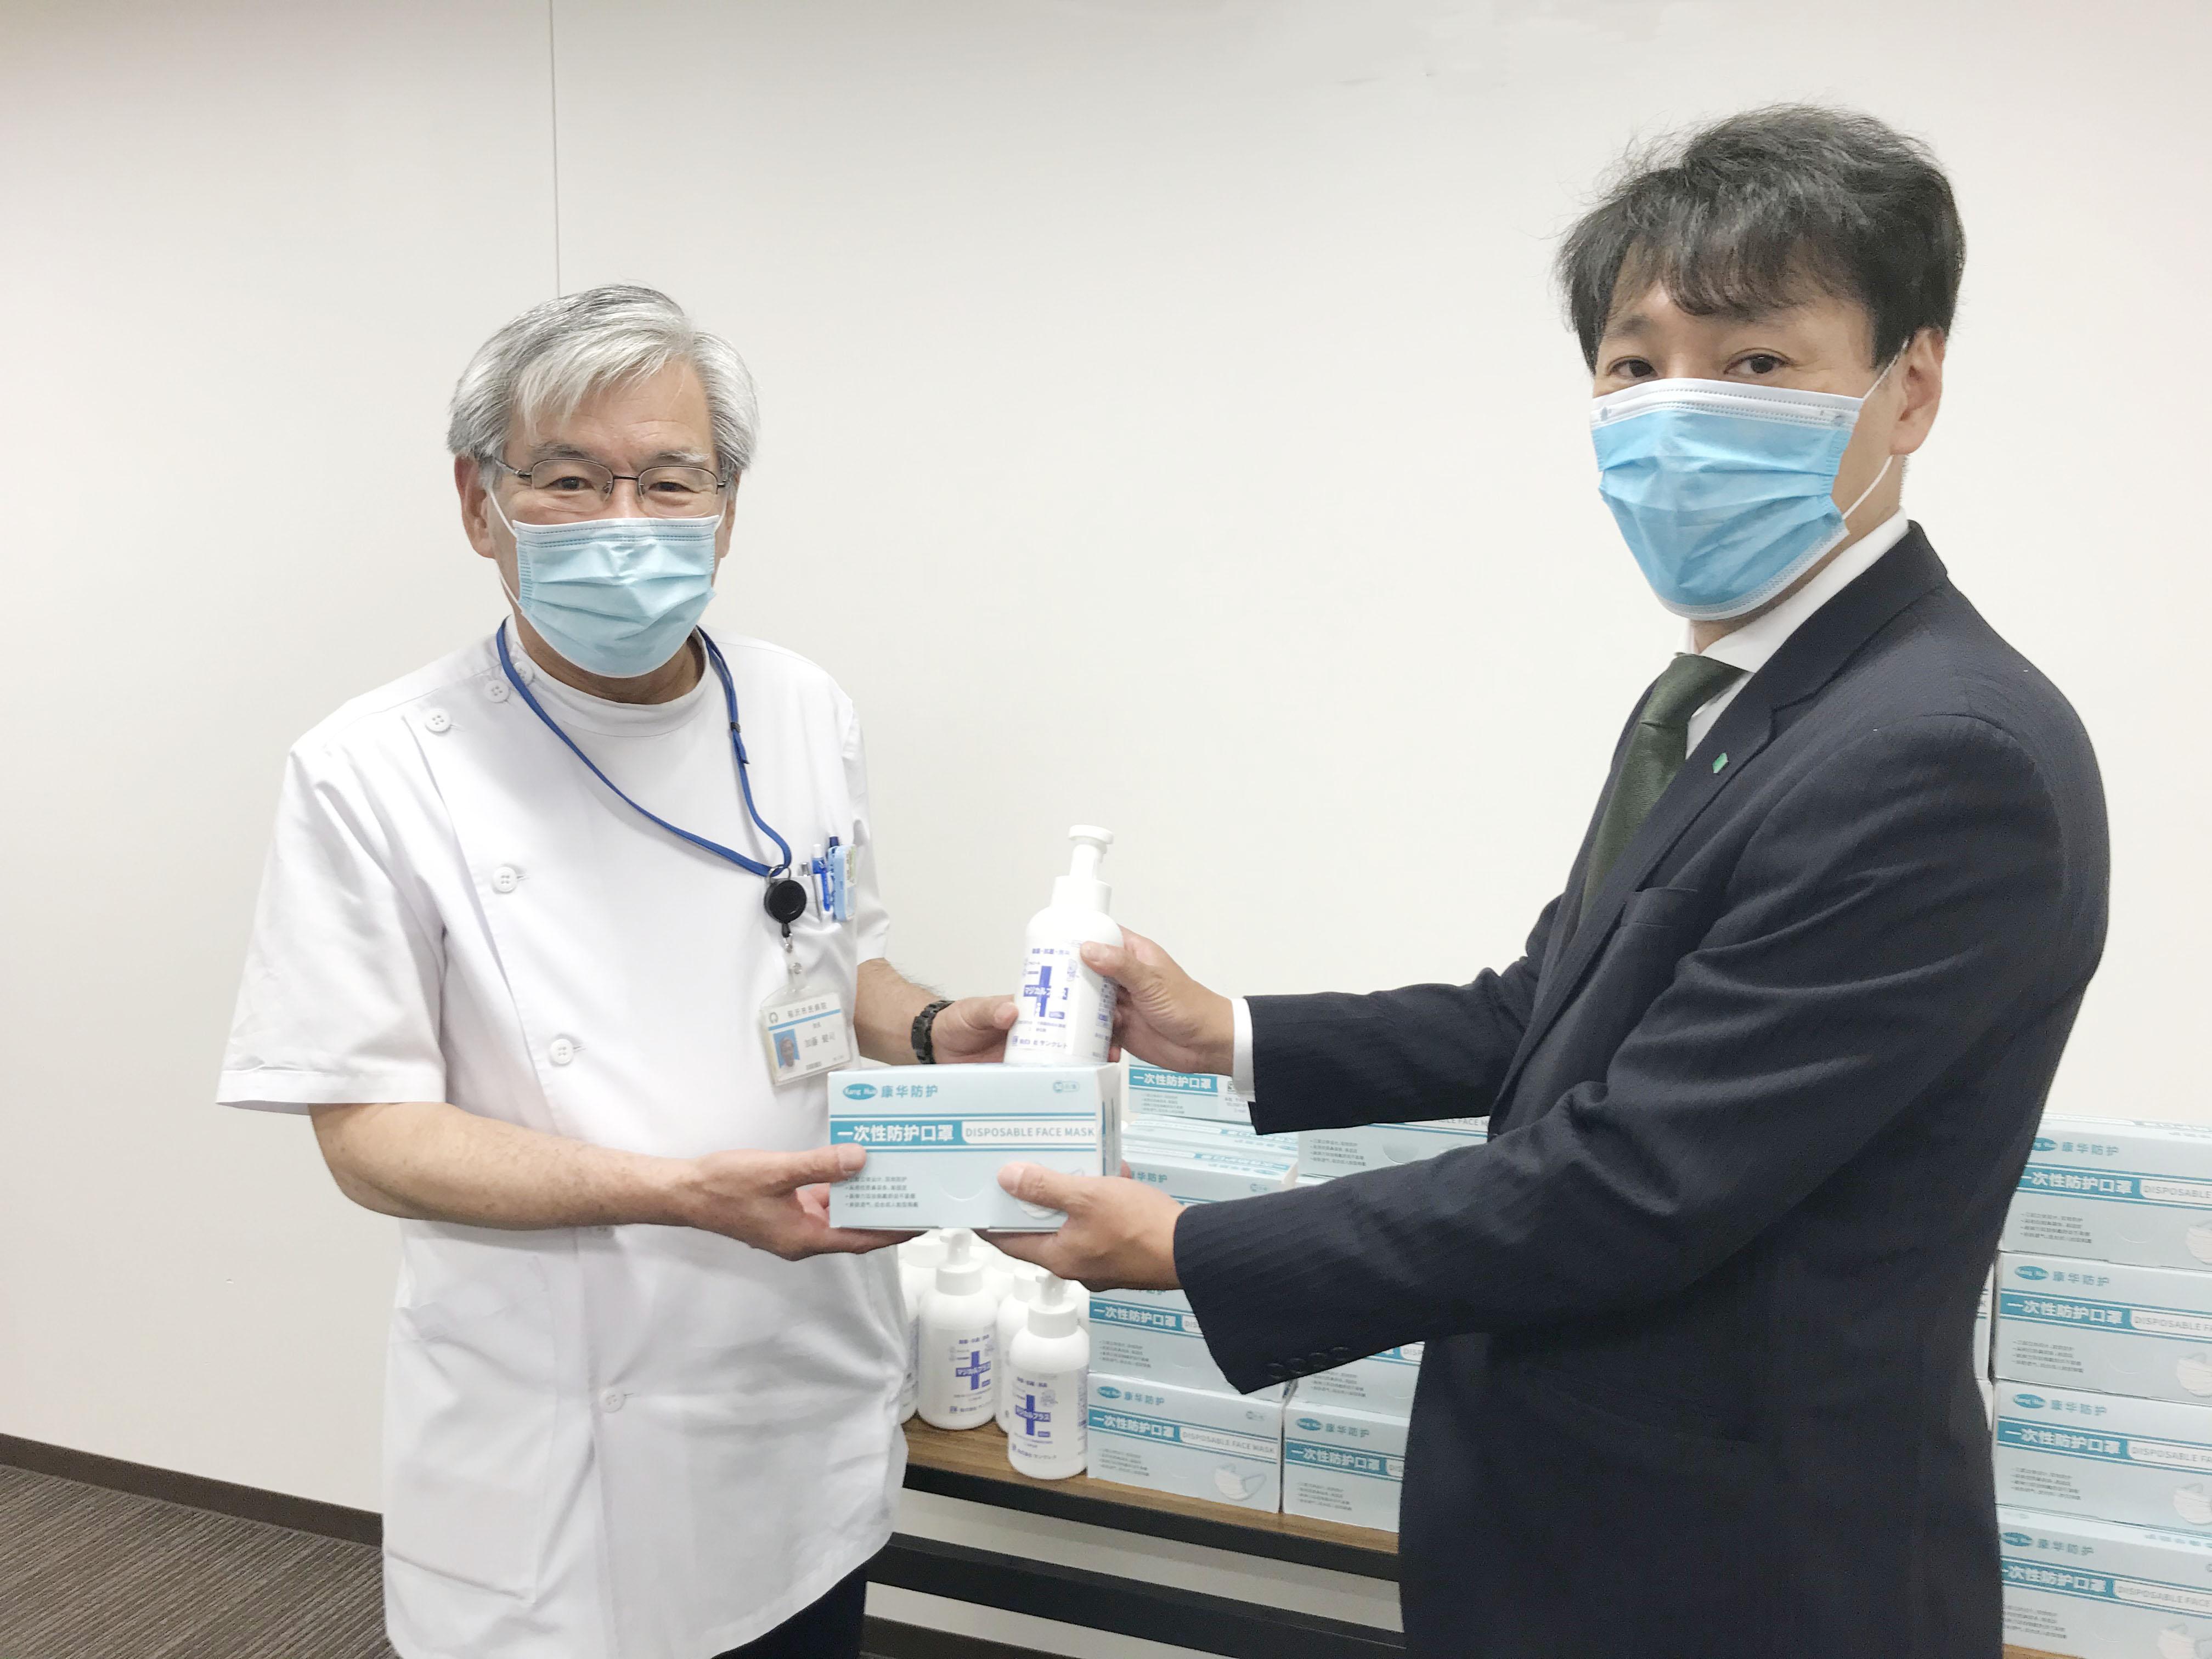 サンクレド株式会社さまのマスク、アルコール消毒液の寄付を頂いた画像です。